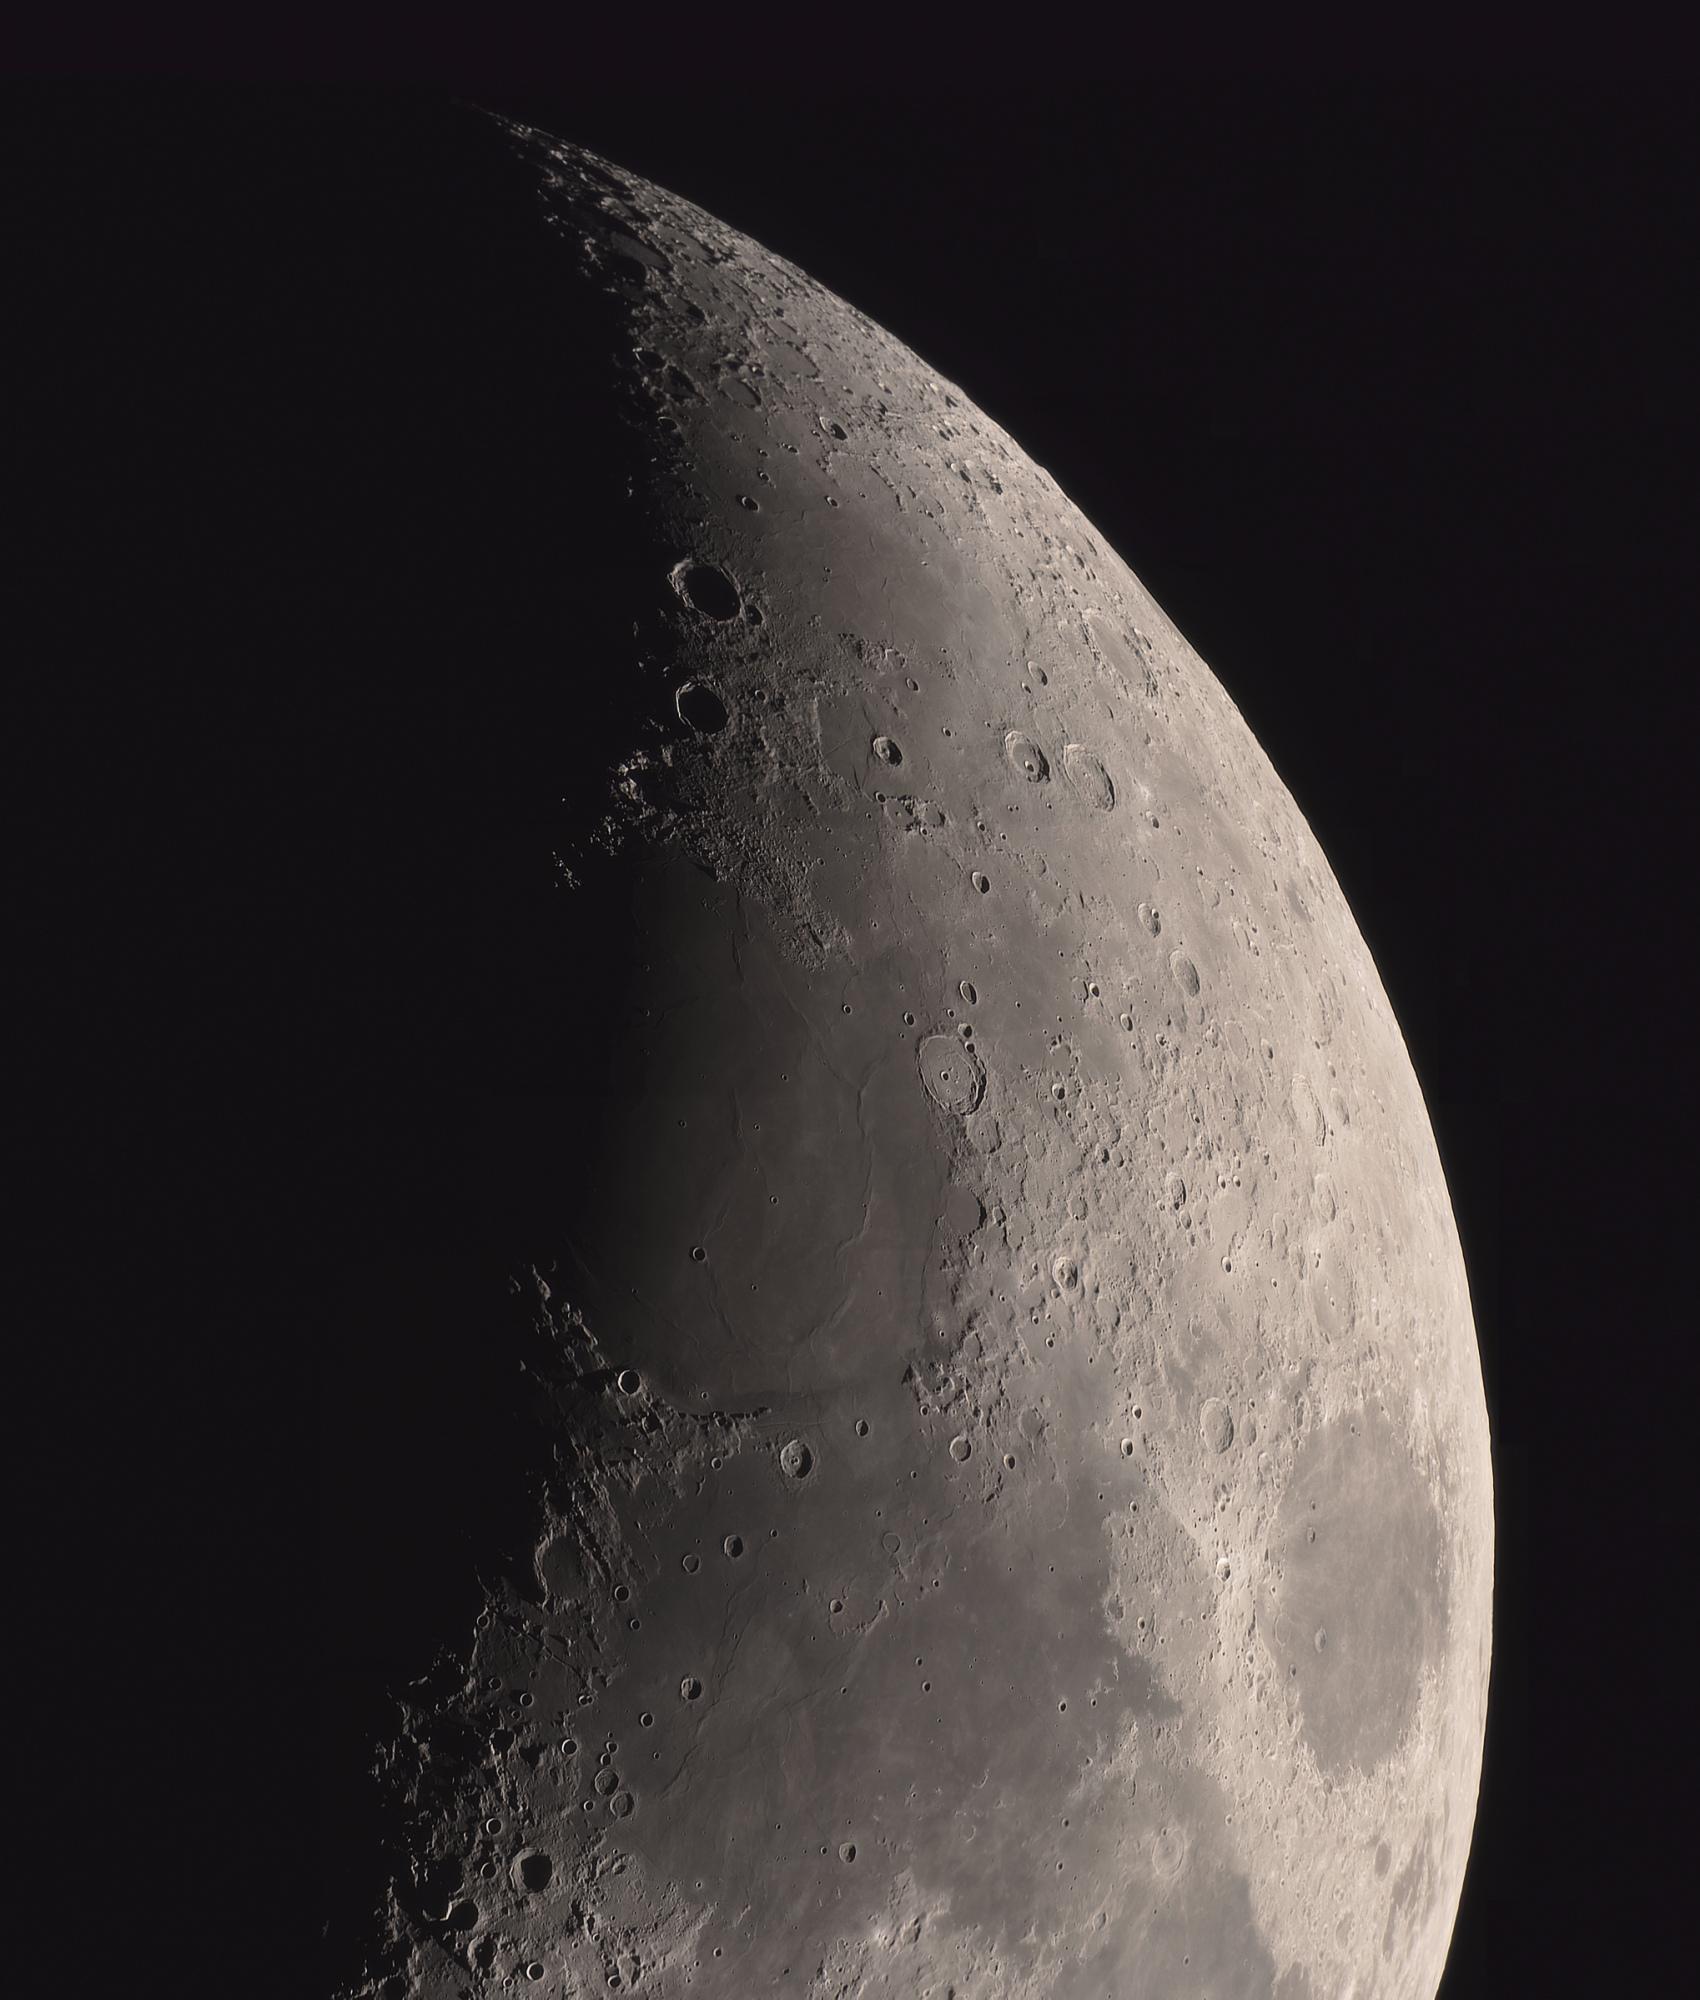 5e8759a4e08b1_lune(40).thumb.jpg.0ac55d1cf7dbad9a6fe5d1677bf846bc.jpg